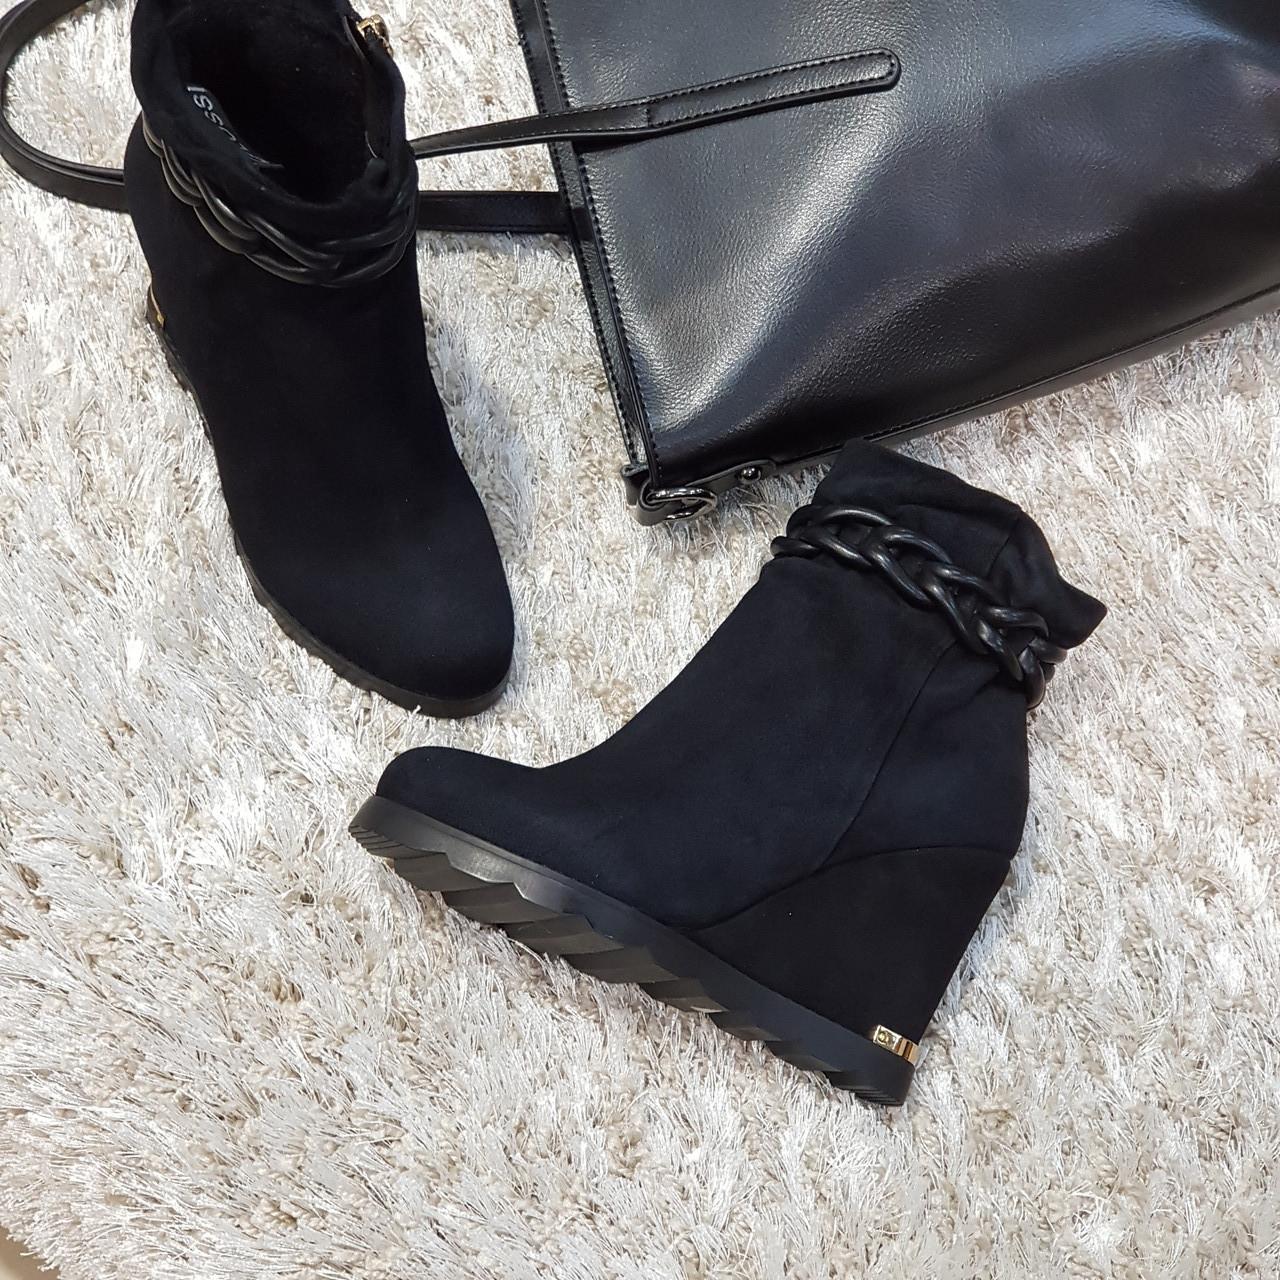 Ботинки женские демисезонные весна-осень из натуральной замши на танкетке черные